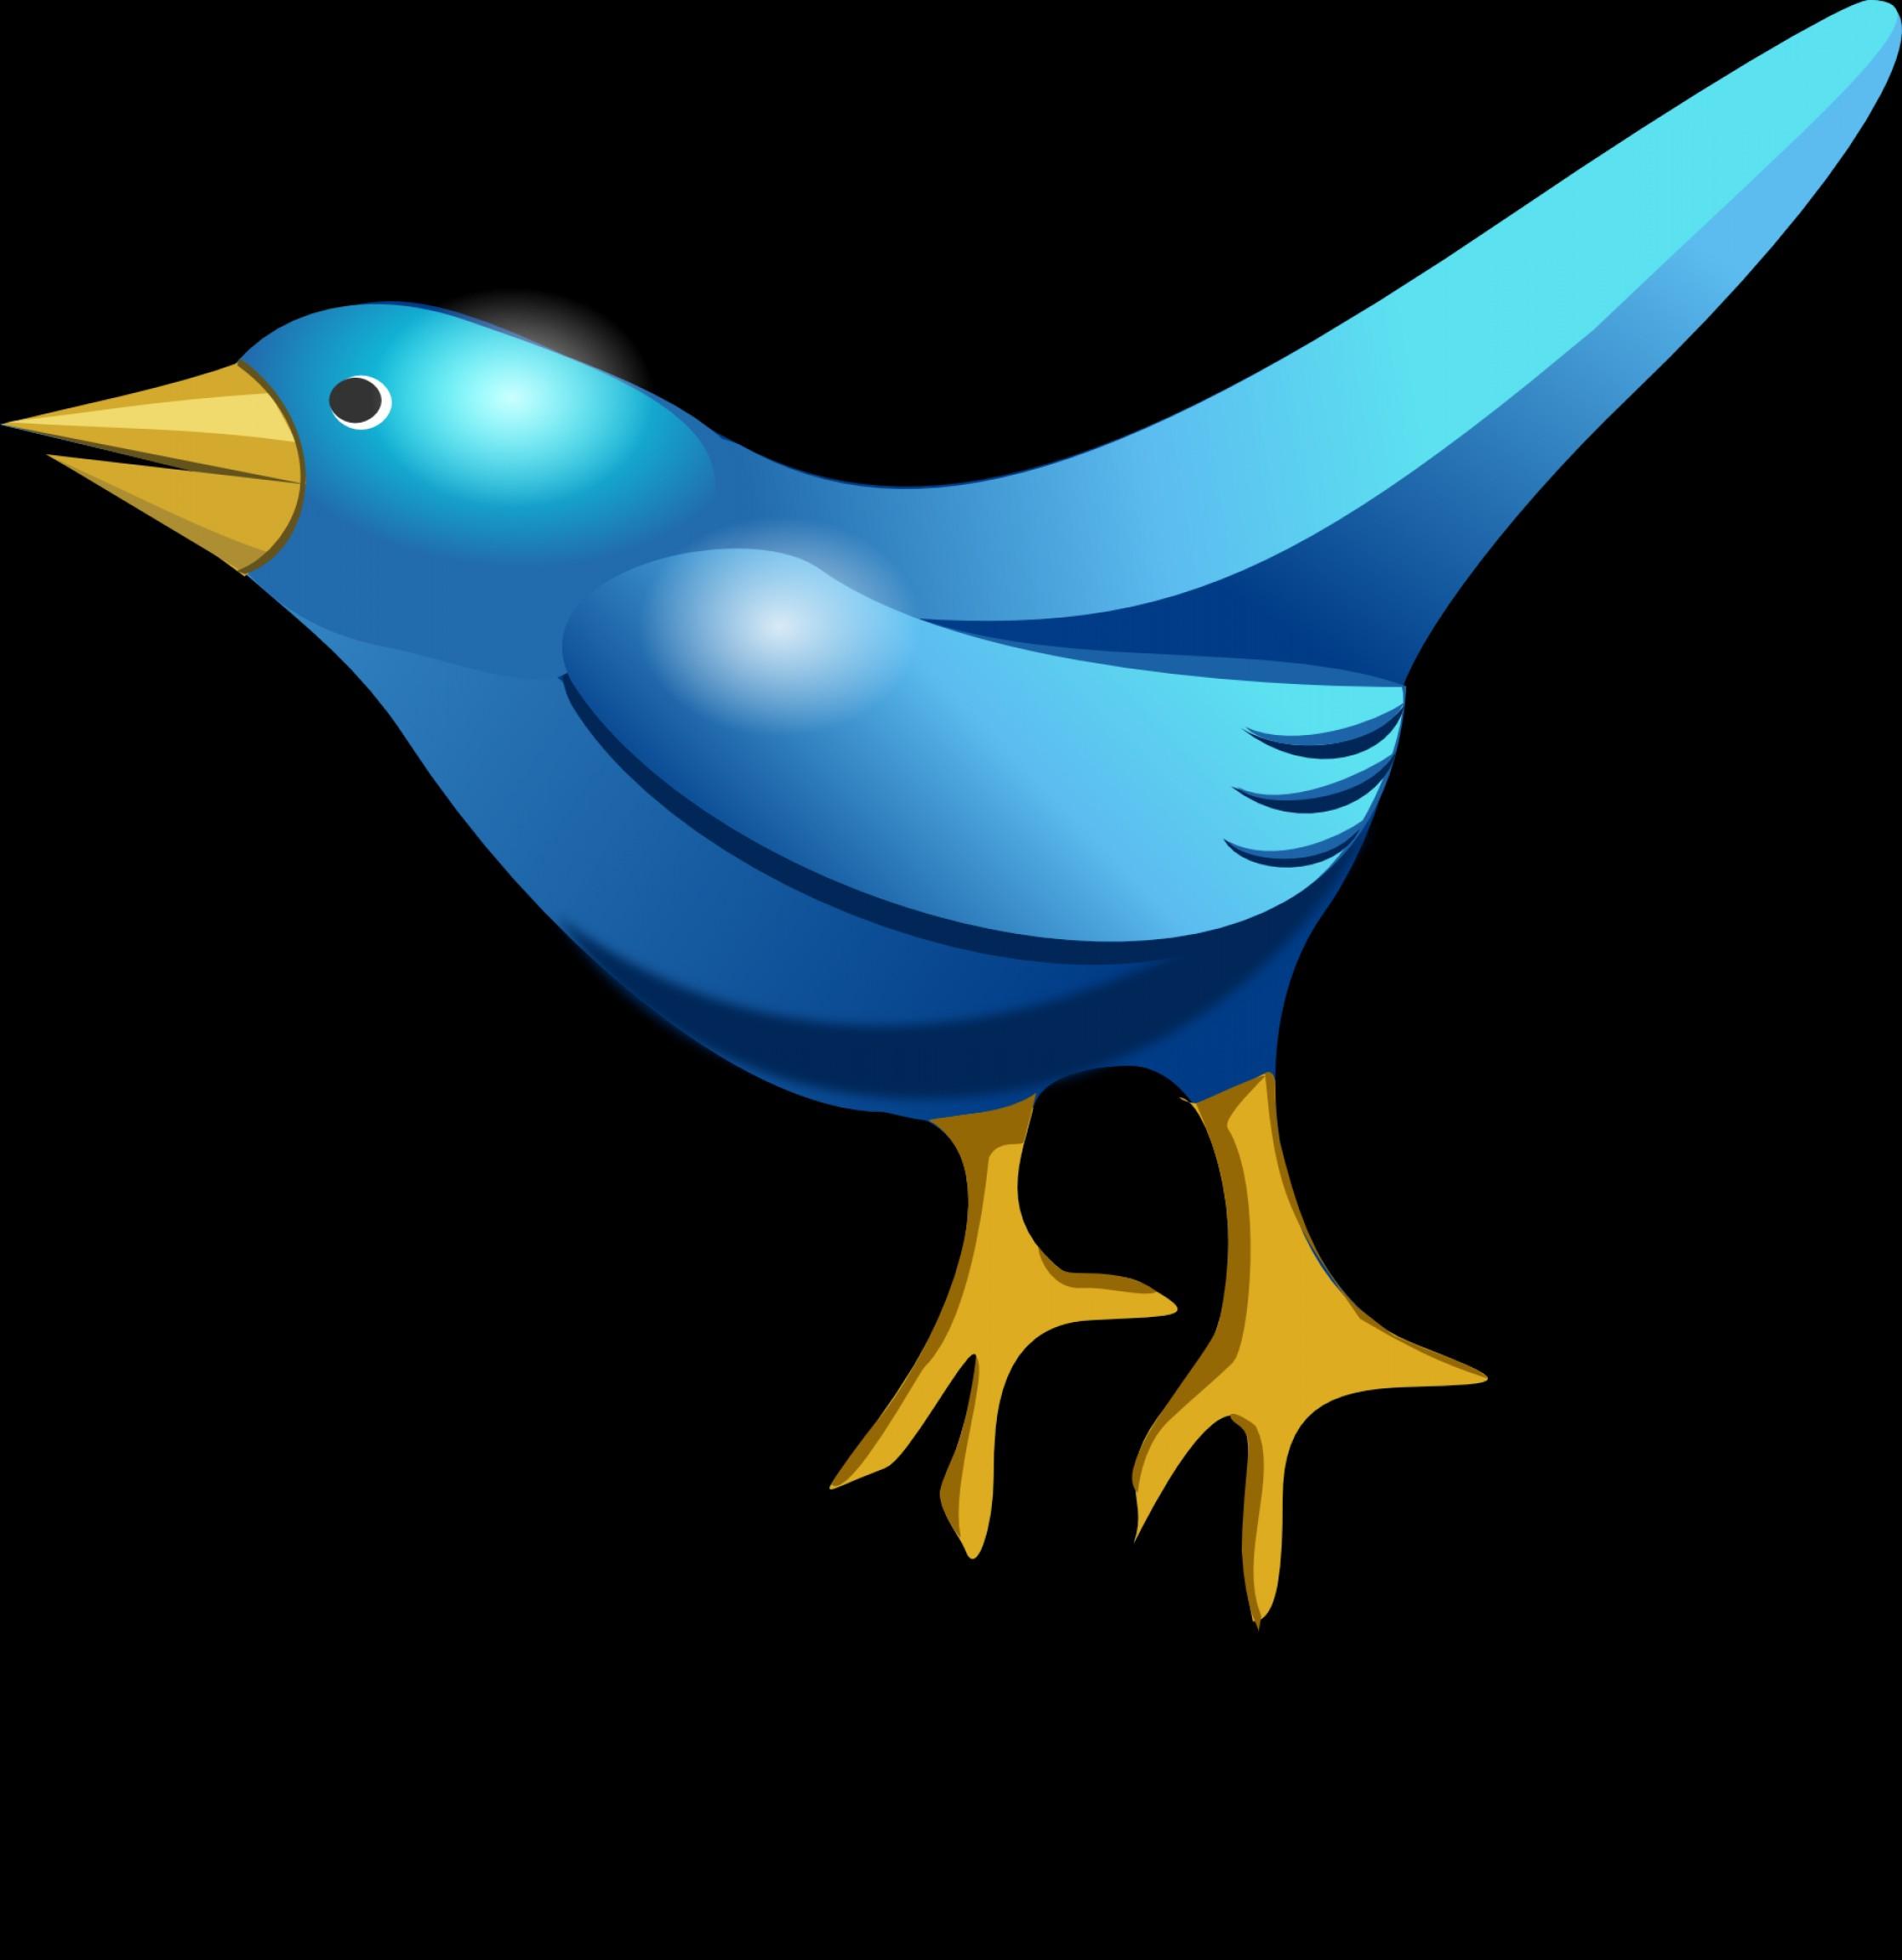 2236x2304 White Twitter Bird Logo Vector No Background Lazttweet